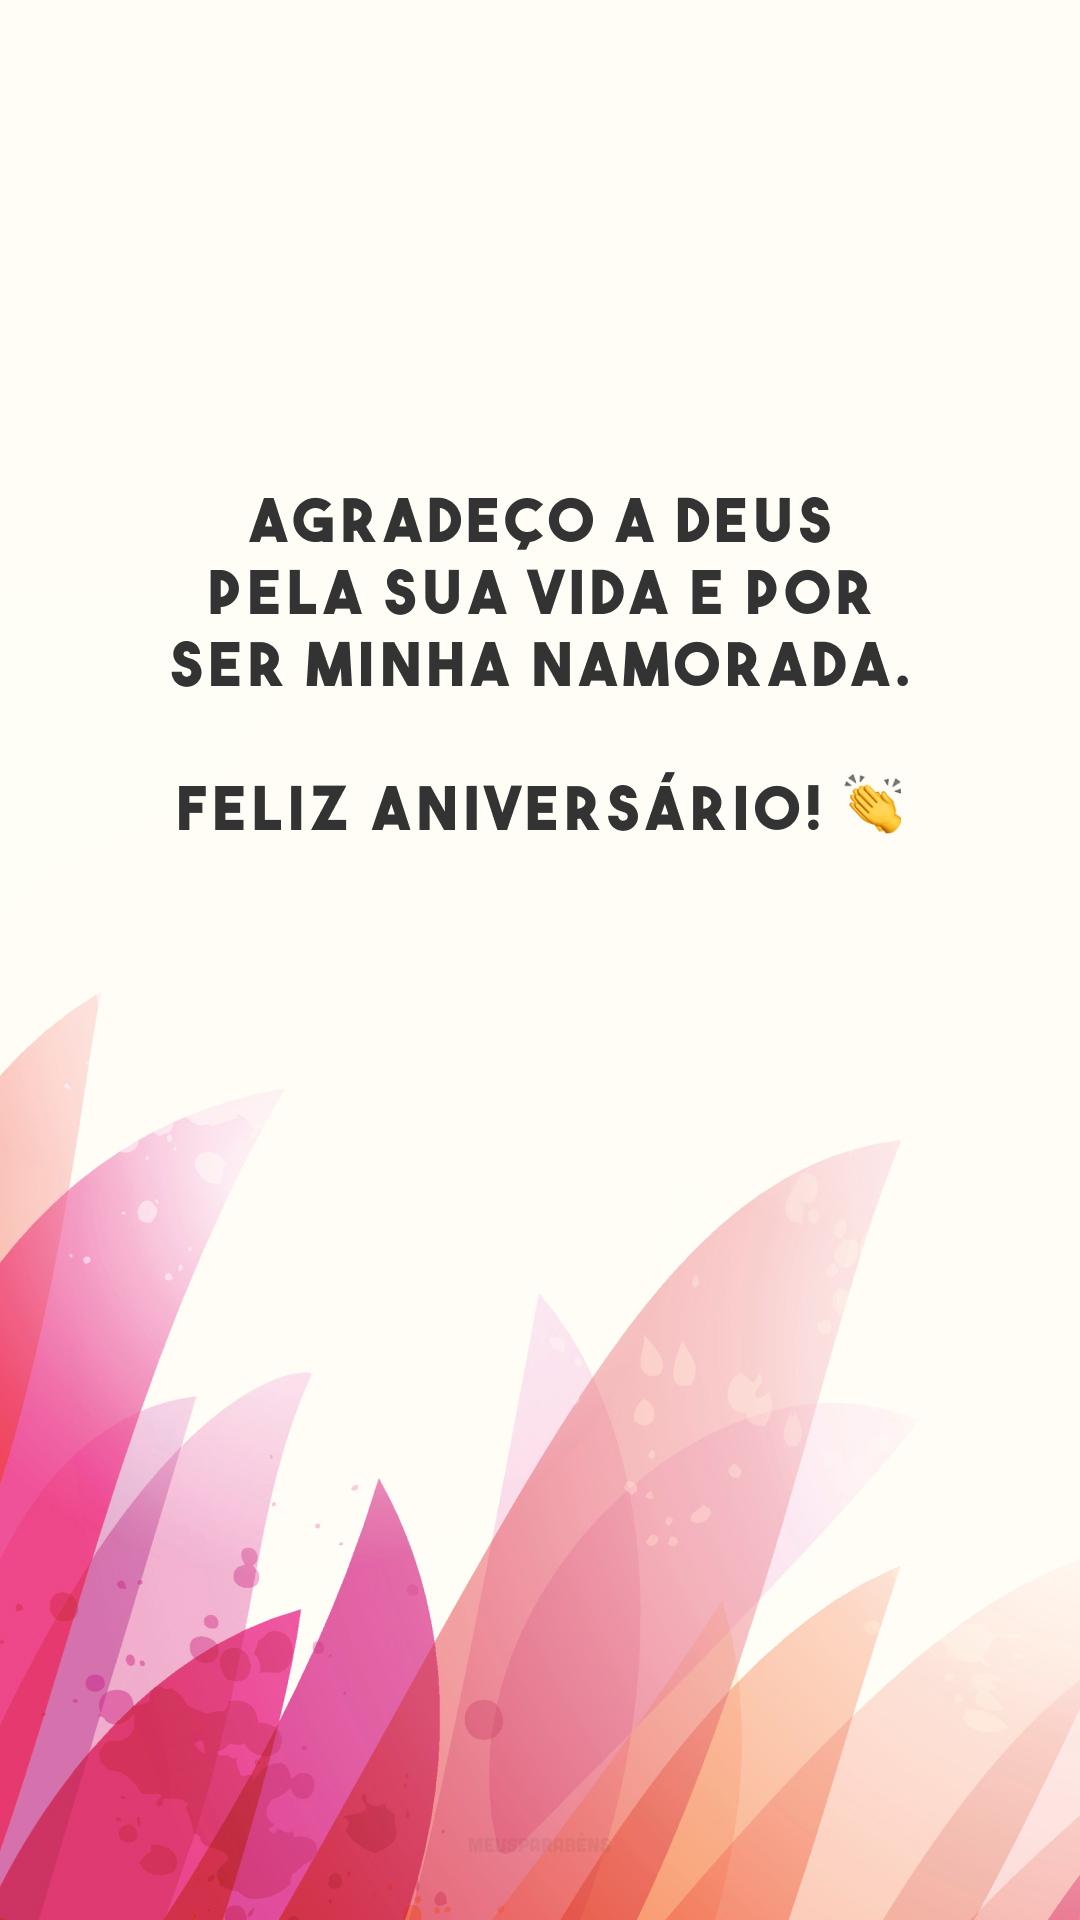 Agradeço a Deus pela sua vida e por ser minha namorada. Feliz aniversário! 👏